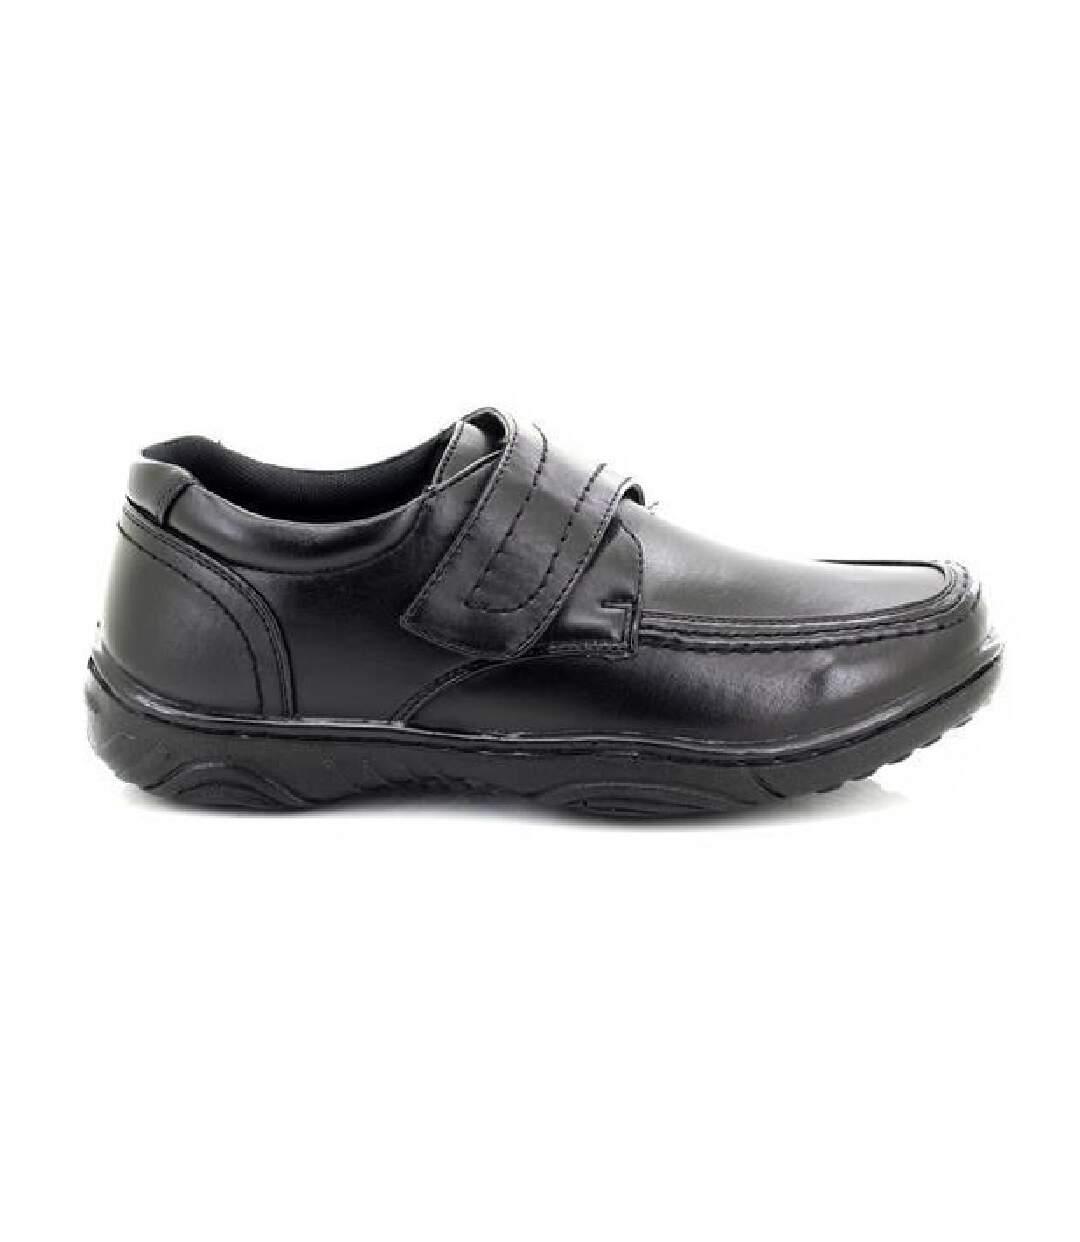 Grande Vente Smart Uns Chaussures Décontractées À Fermeture À Scratch Homme Noir UTDF138 dsf.d455nksdKLFHG